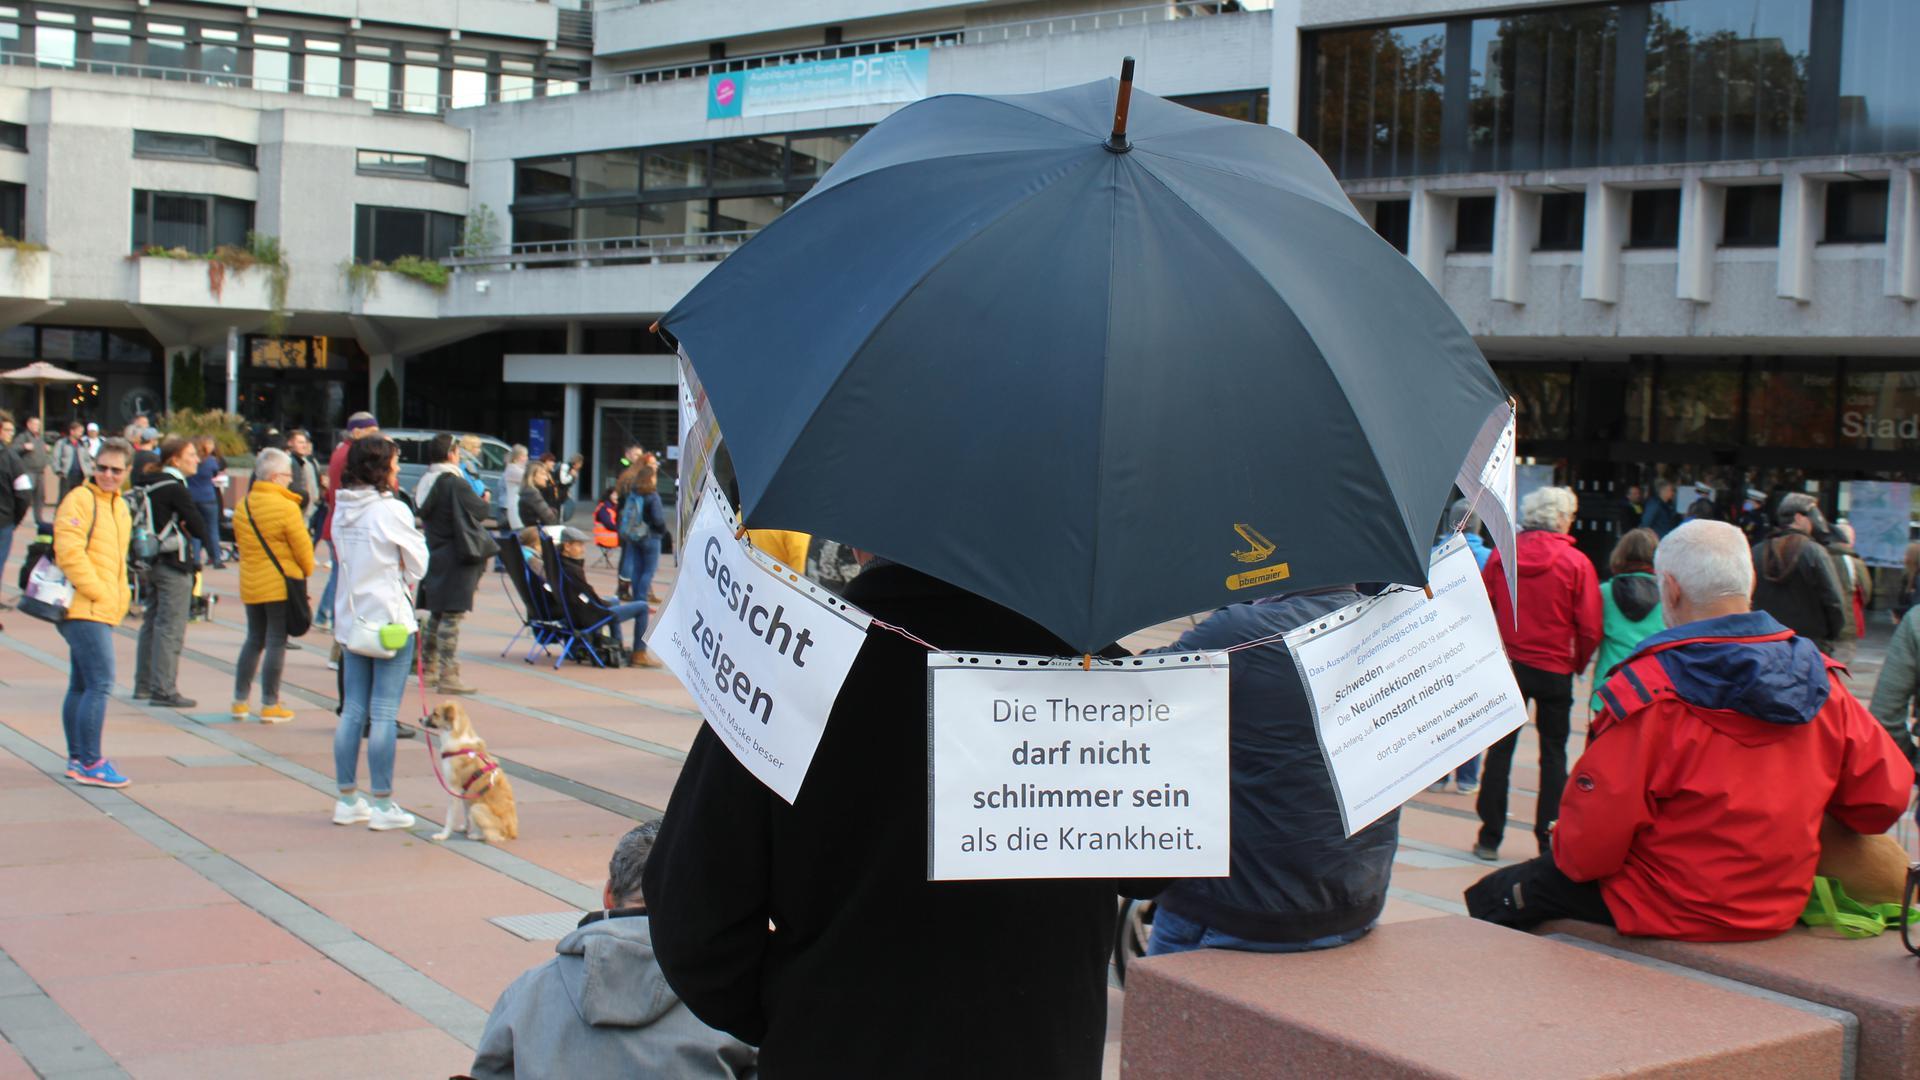 Teilnehmer bei der Corona-Demo auf dem Pforzheimer Marktplatz hält einen Schirm mit Zetteln und Botschaften.